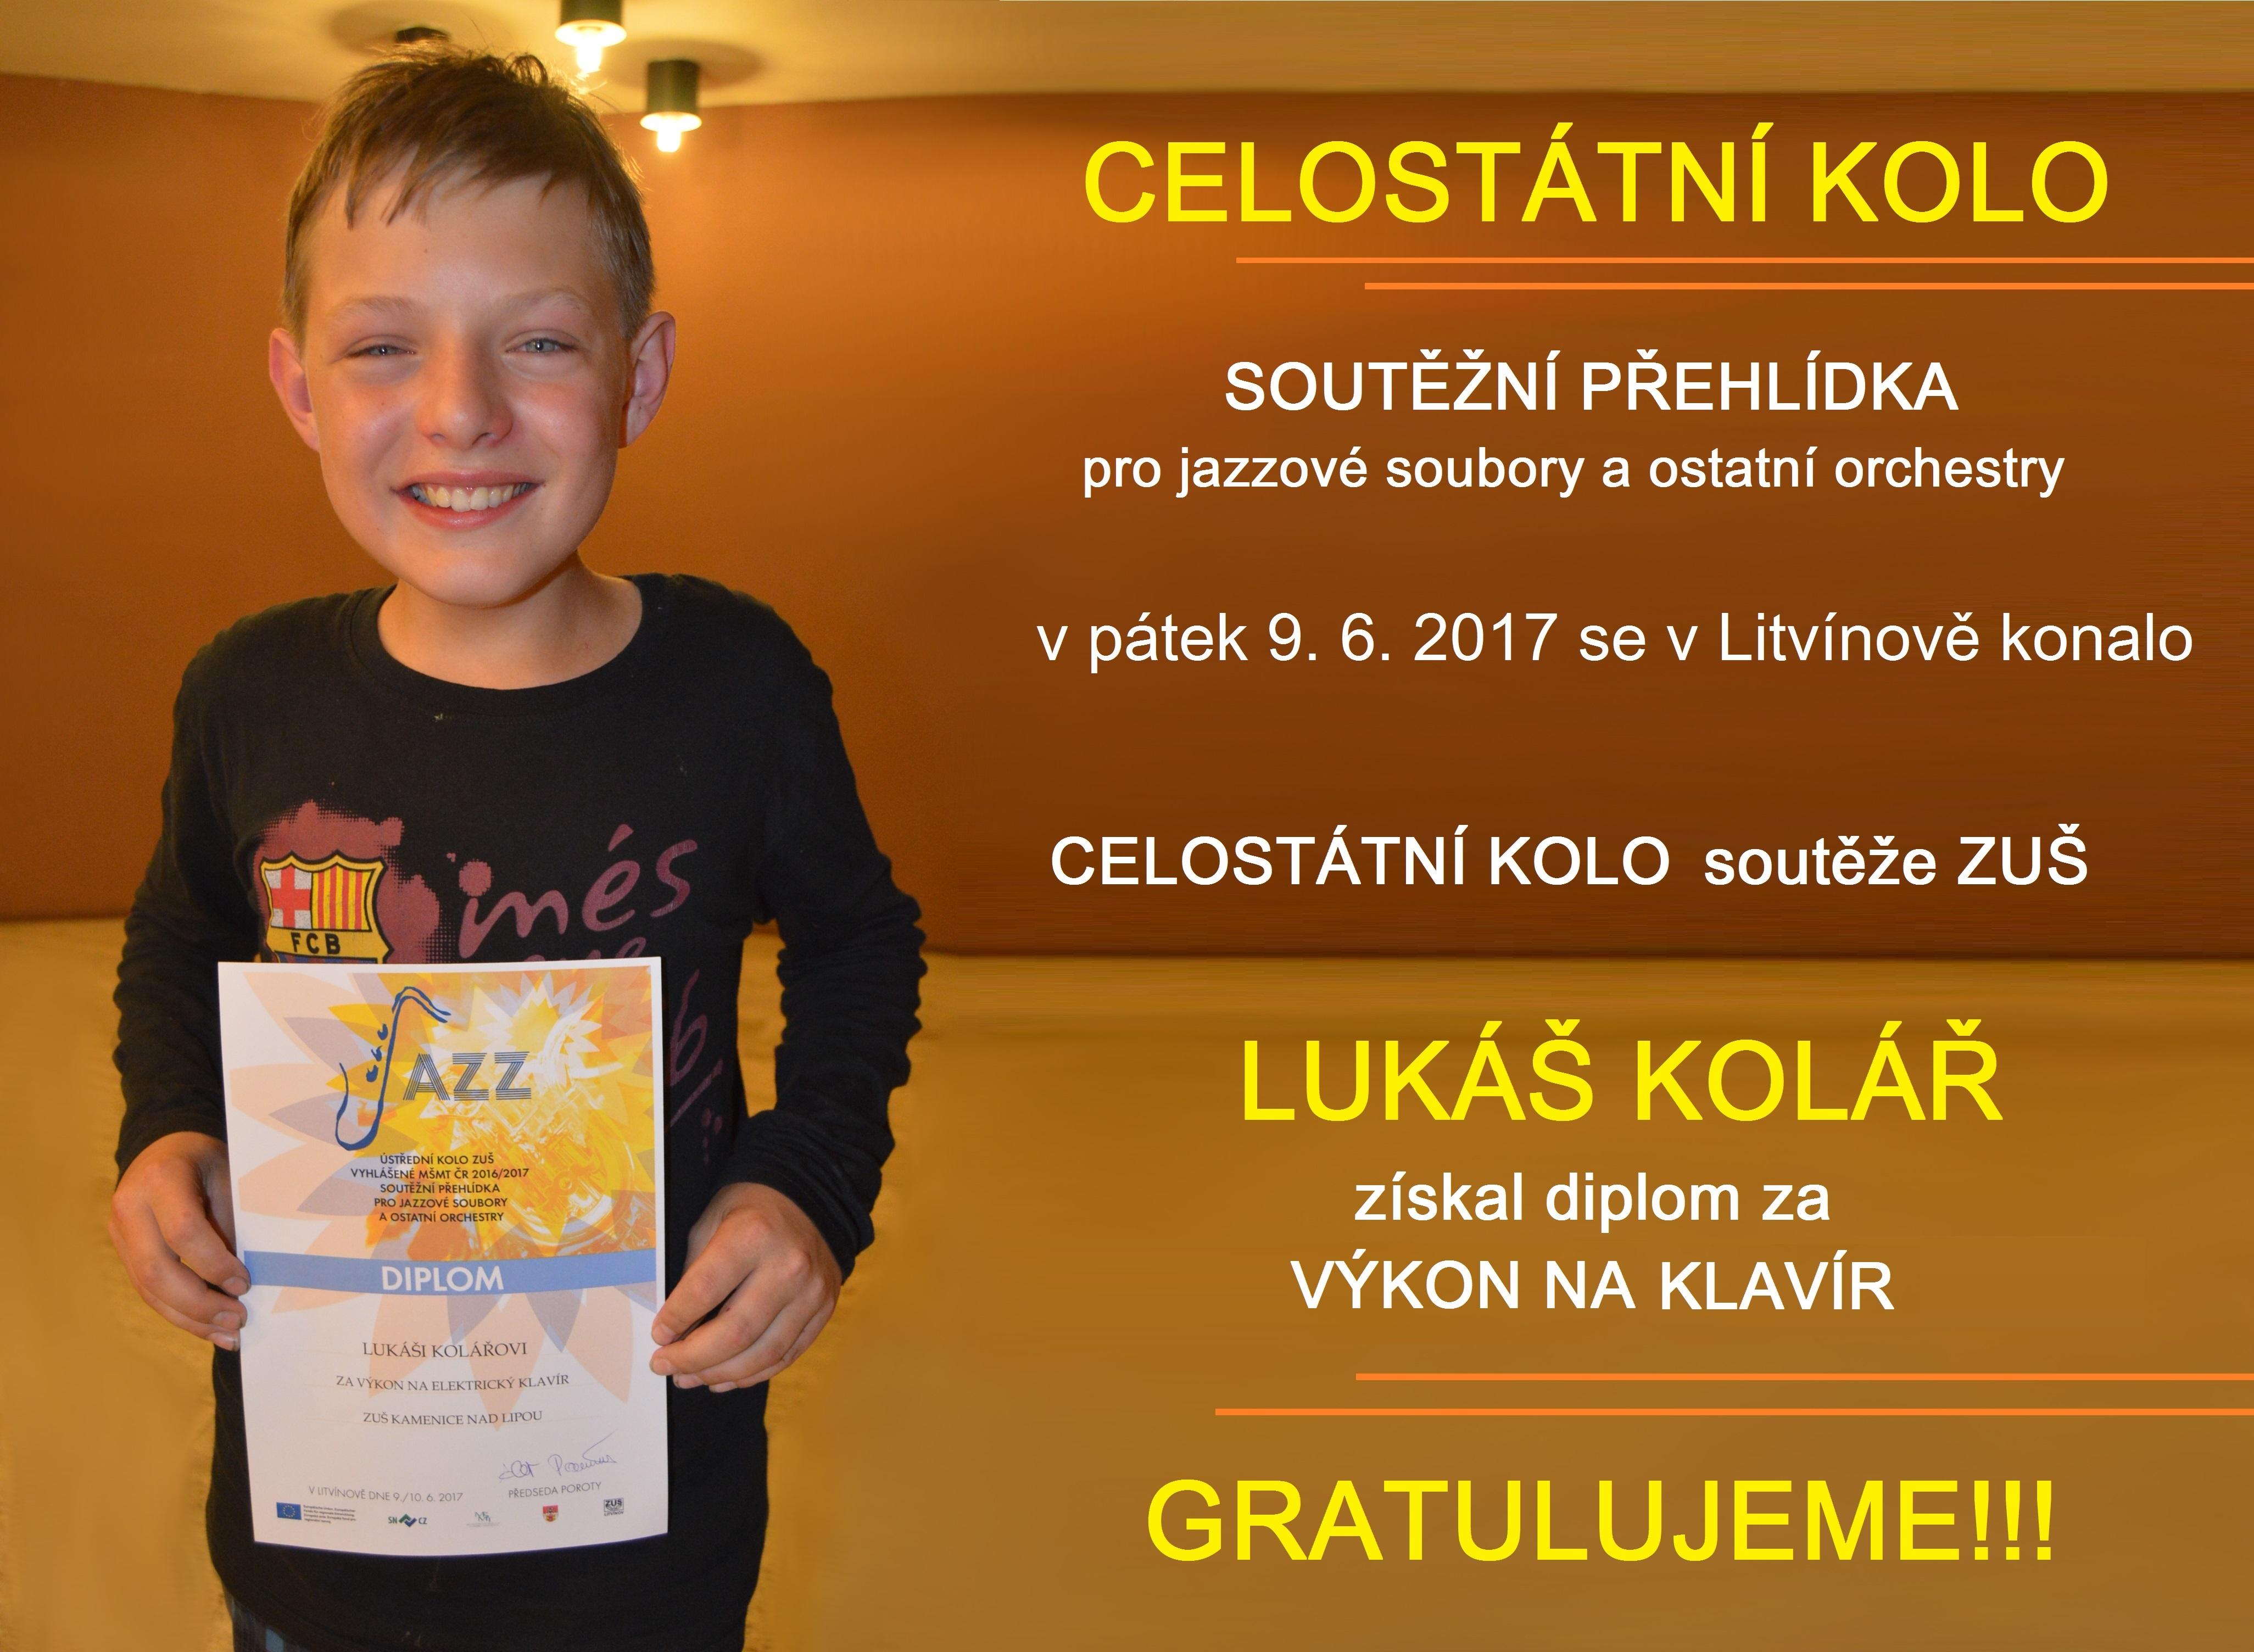 9. 6. 2017 - ÚSTŘEDNÍ KOLO SOUTĚŽE ZUŠ - LITVÍNOV - LUKÁŠ KOLÁŘ - ÚSPĚCHY NAŠICH ŽÁKŮ